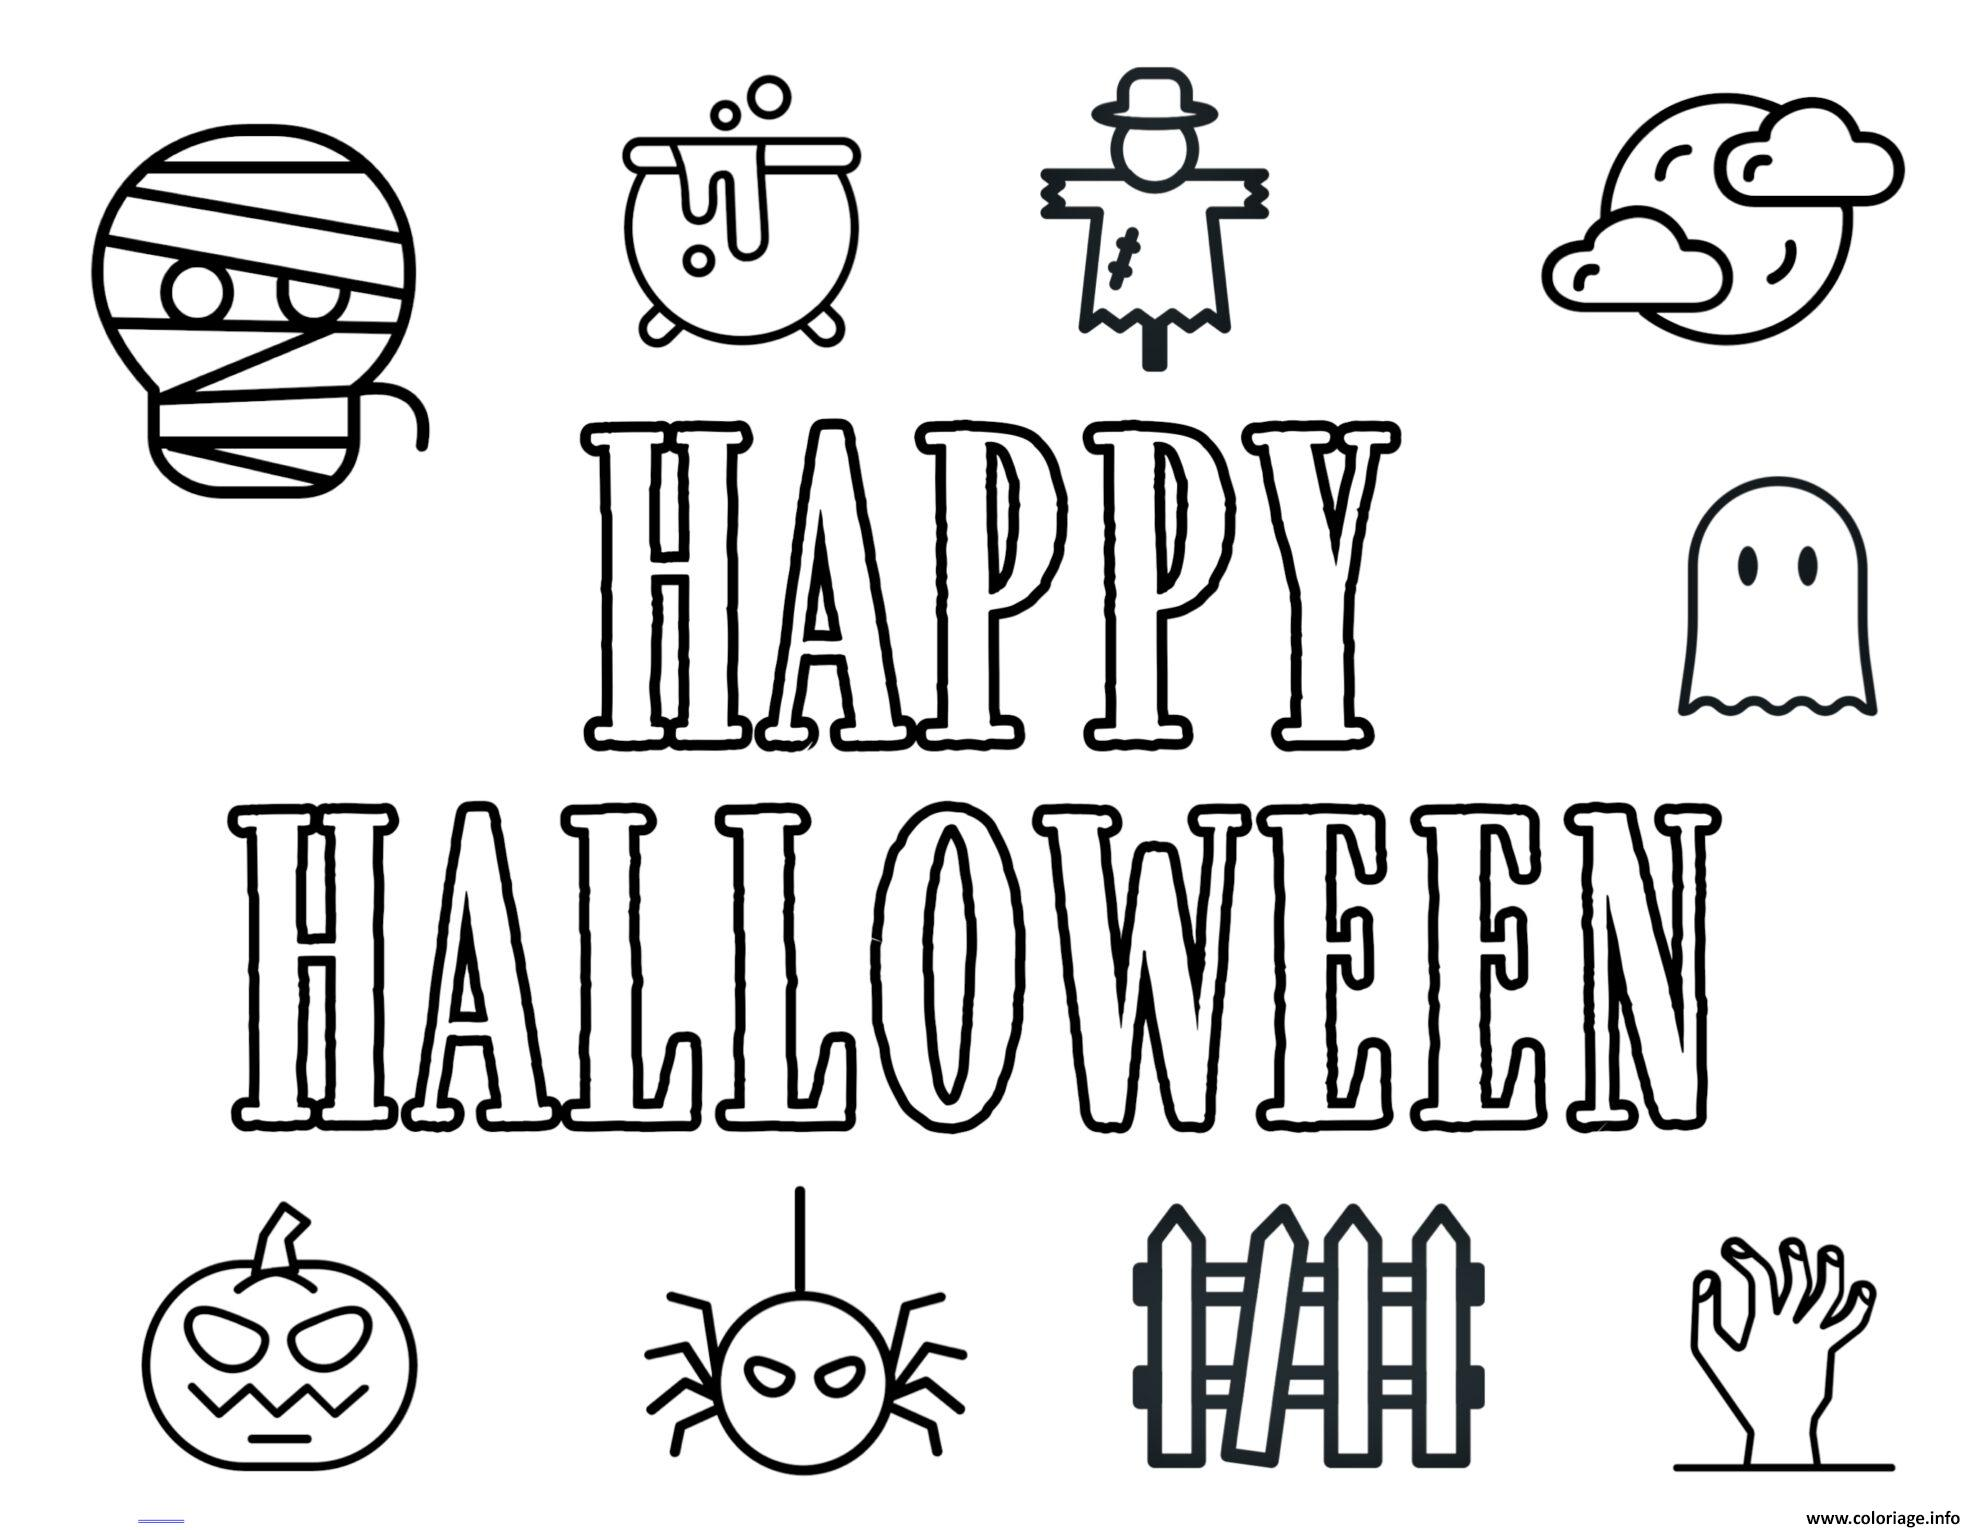 Dessin happy halloween icons funs Coloriage Gratuit à Imprimer